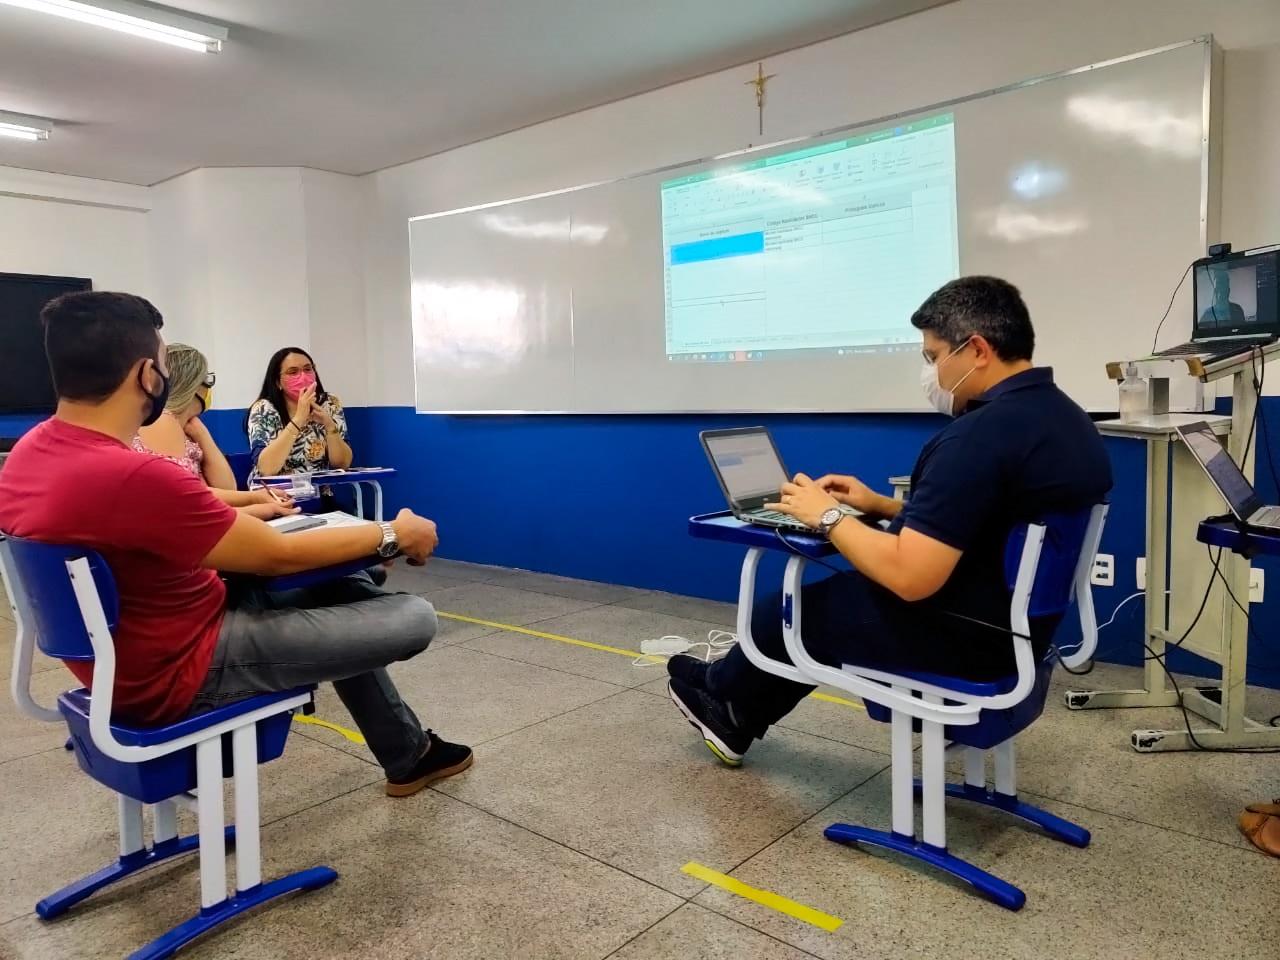 PROFESSORES DO COLÉGIO PARAÍSO PARTICIPAM DE FORMAÇÃO PEDAGÓGICA